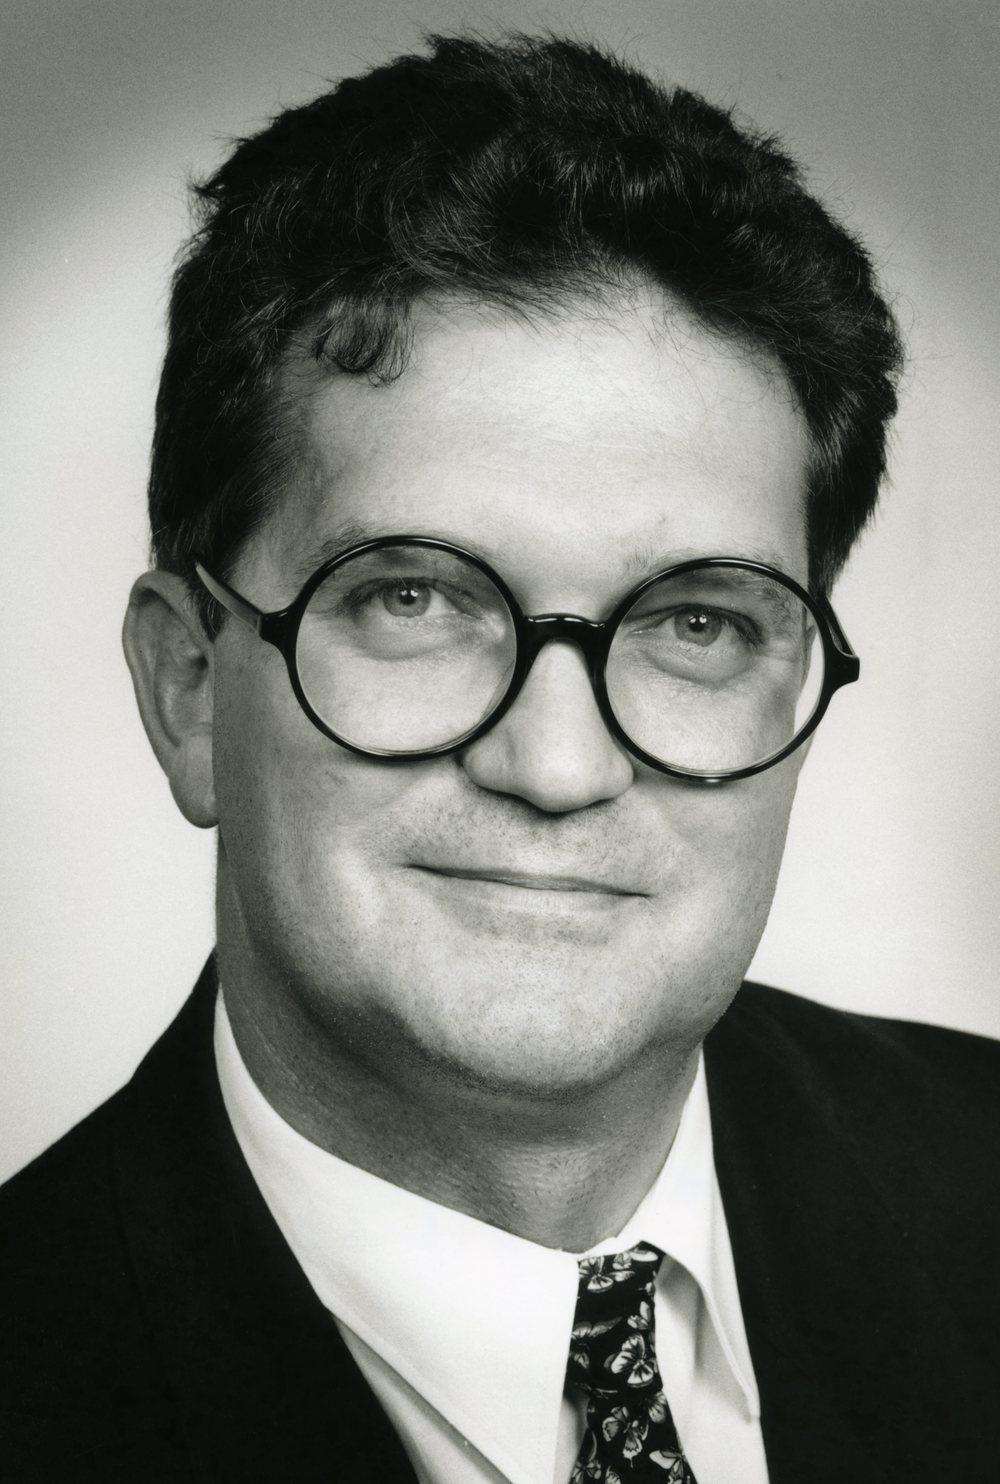 Adam Salzer